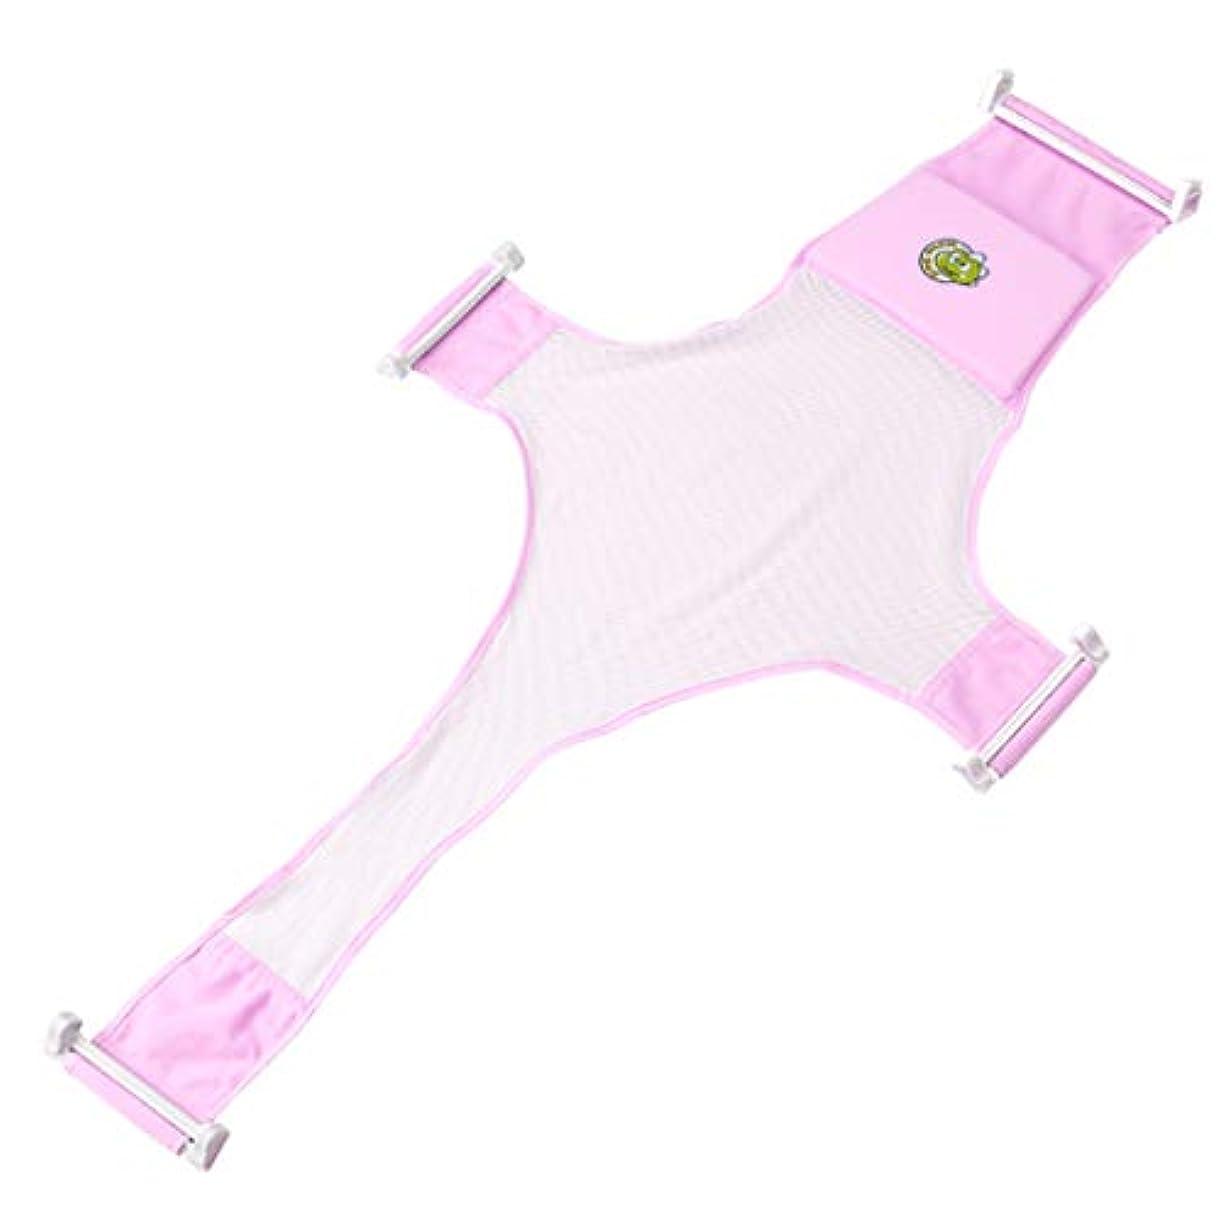 有効な逃す大破Oniorベビー十字架支網 調節可能 座席 支持網 滑り止め 快適 入浴 スタンドサスペンダー ハンモック 柔らかい ピンク